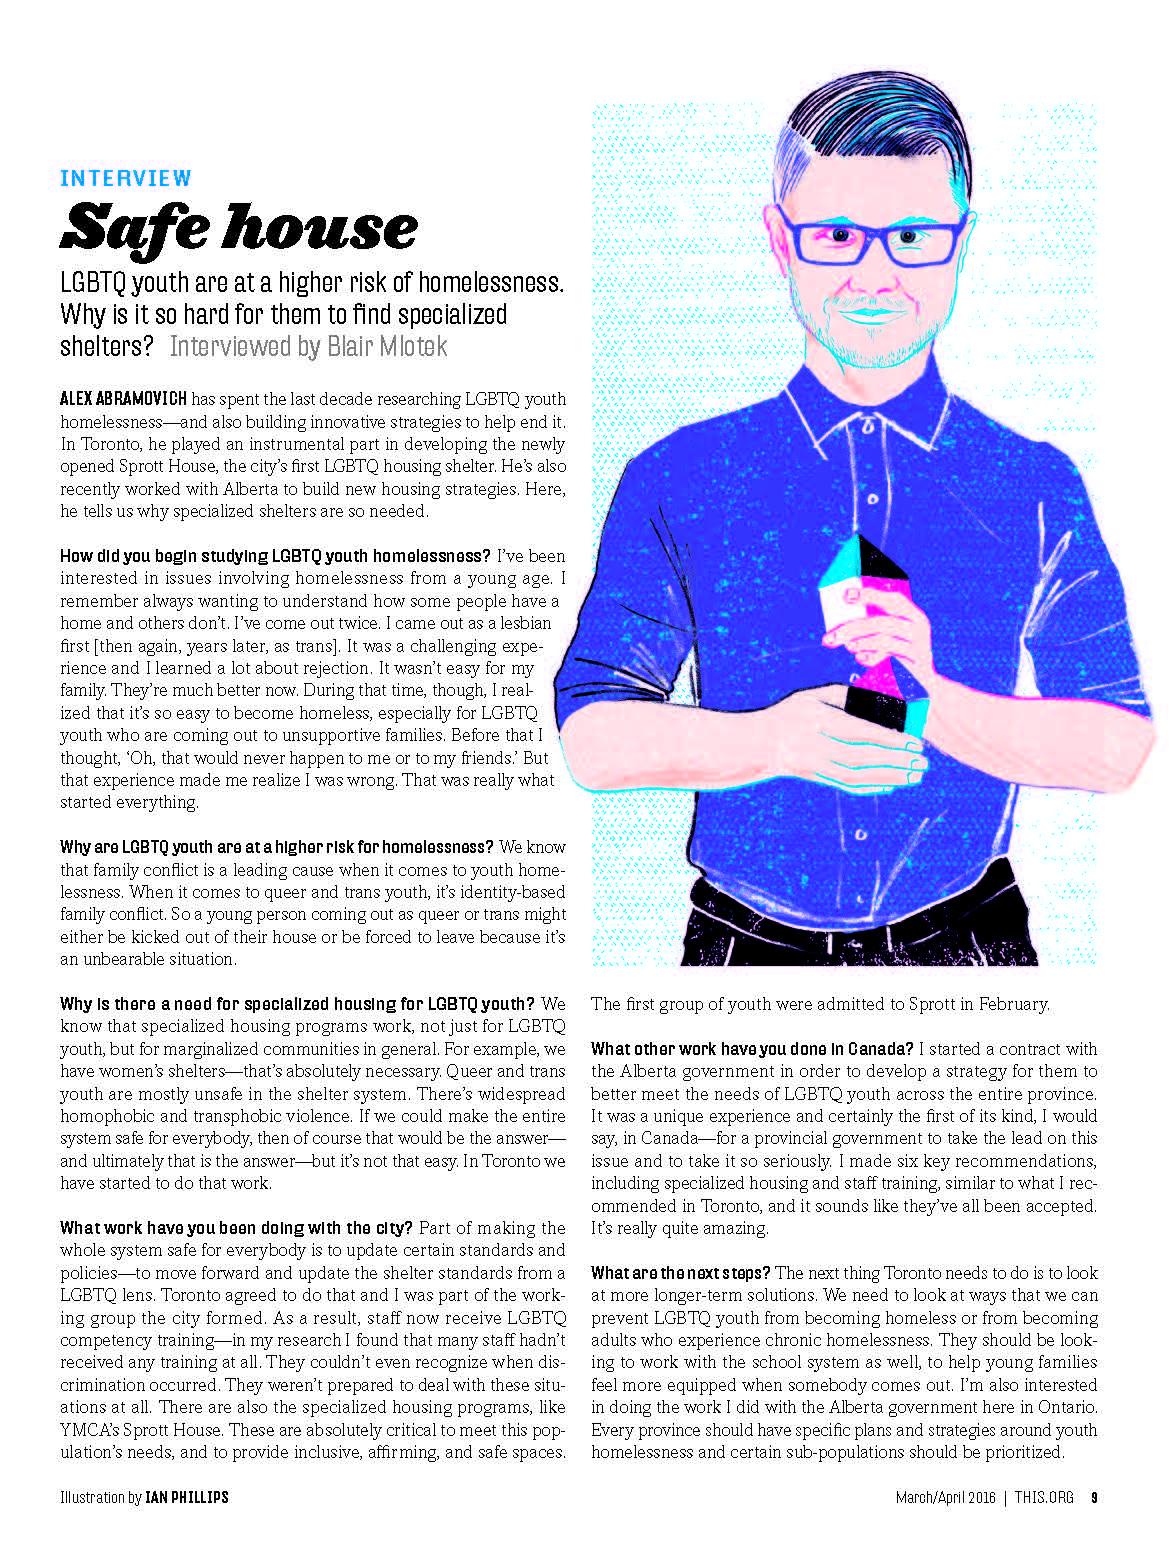 This magazine - Safe HouseIn conversation with Alex Abramovich